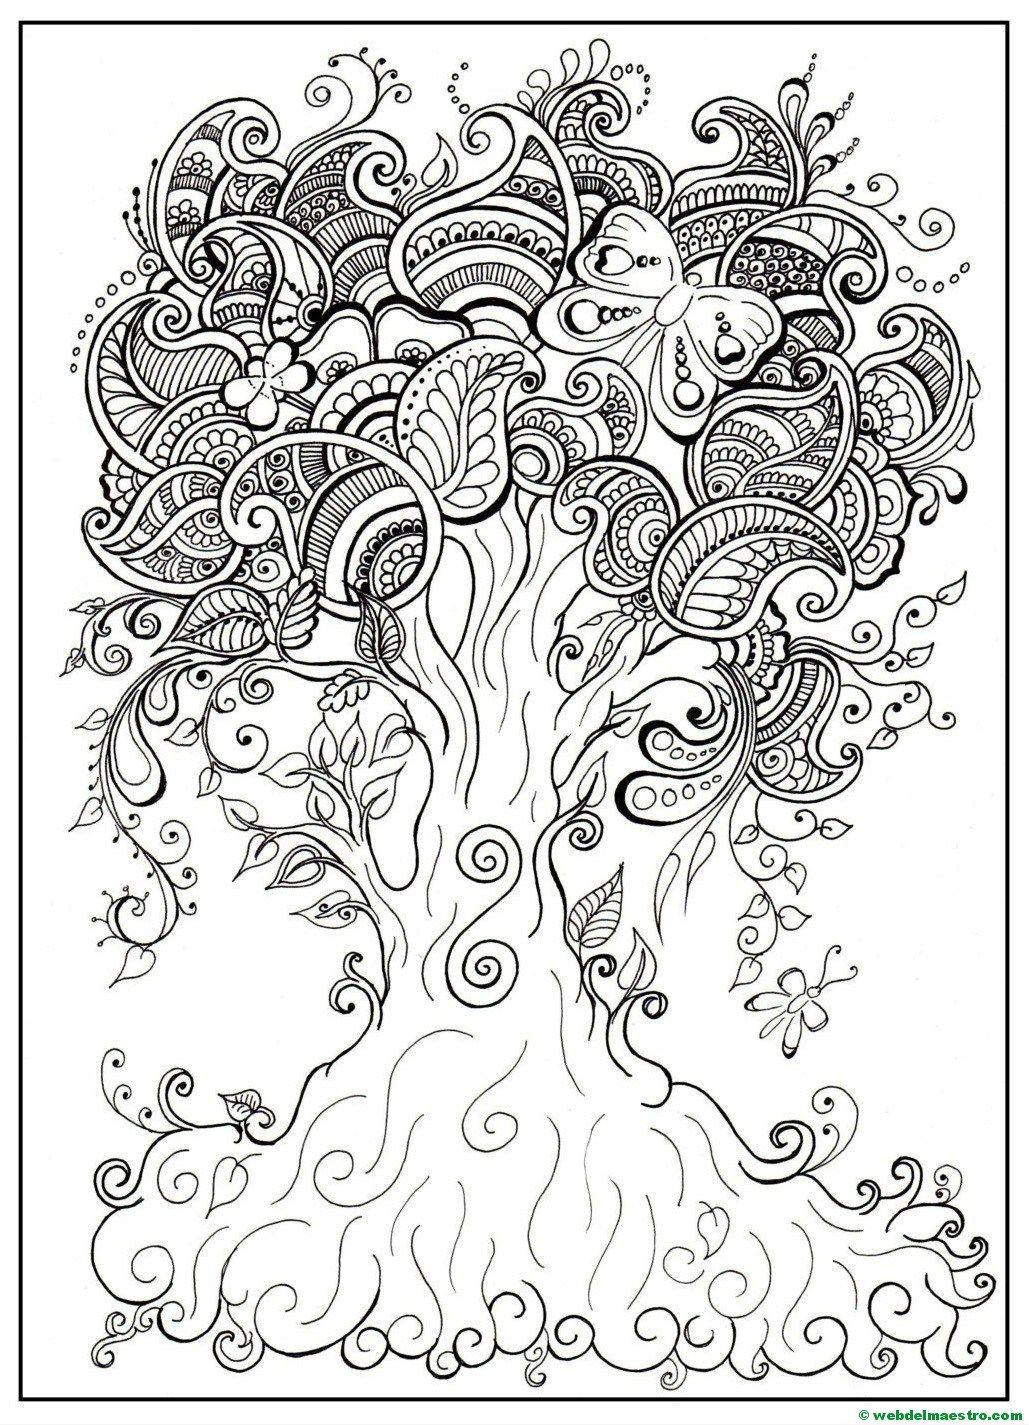 Dibujos Antiestres Con Imagenes Mandalas Para Colorear Pdf